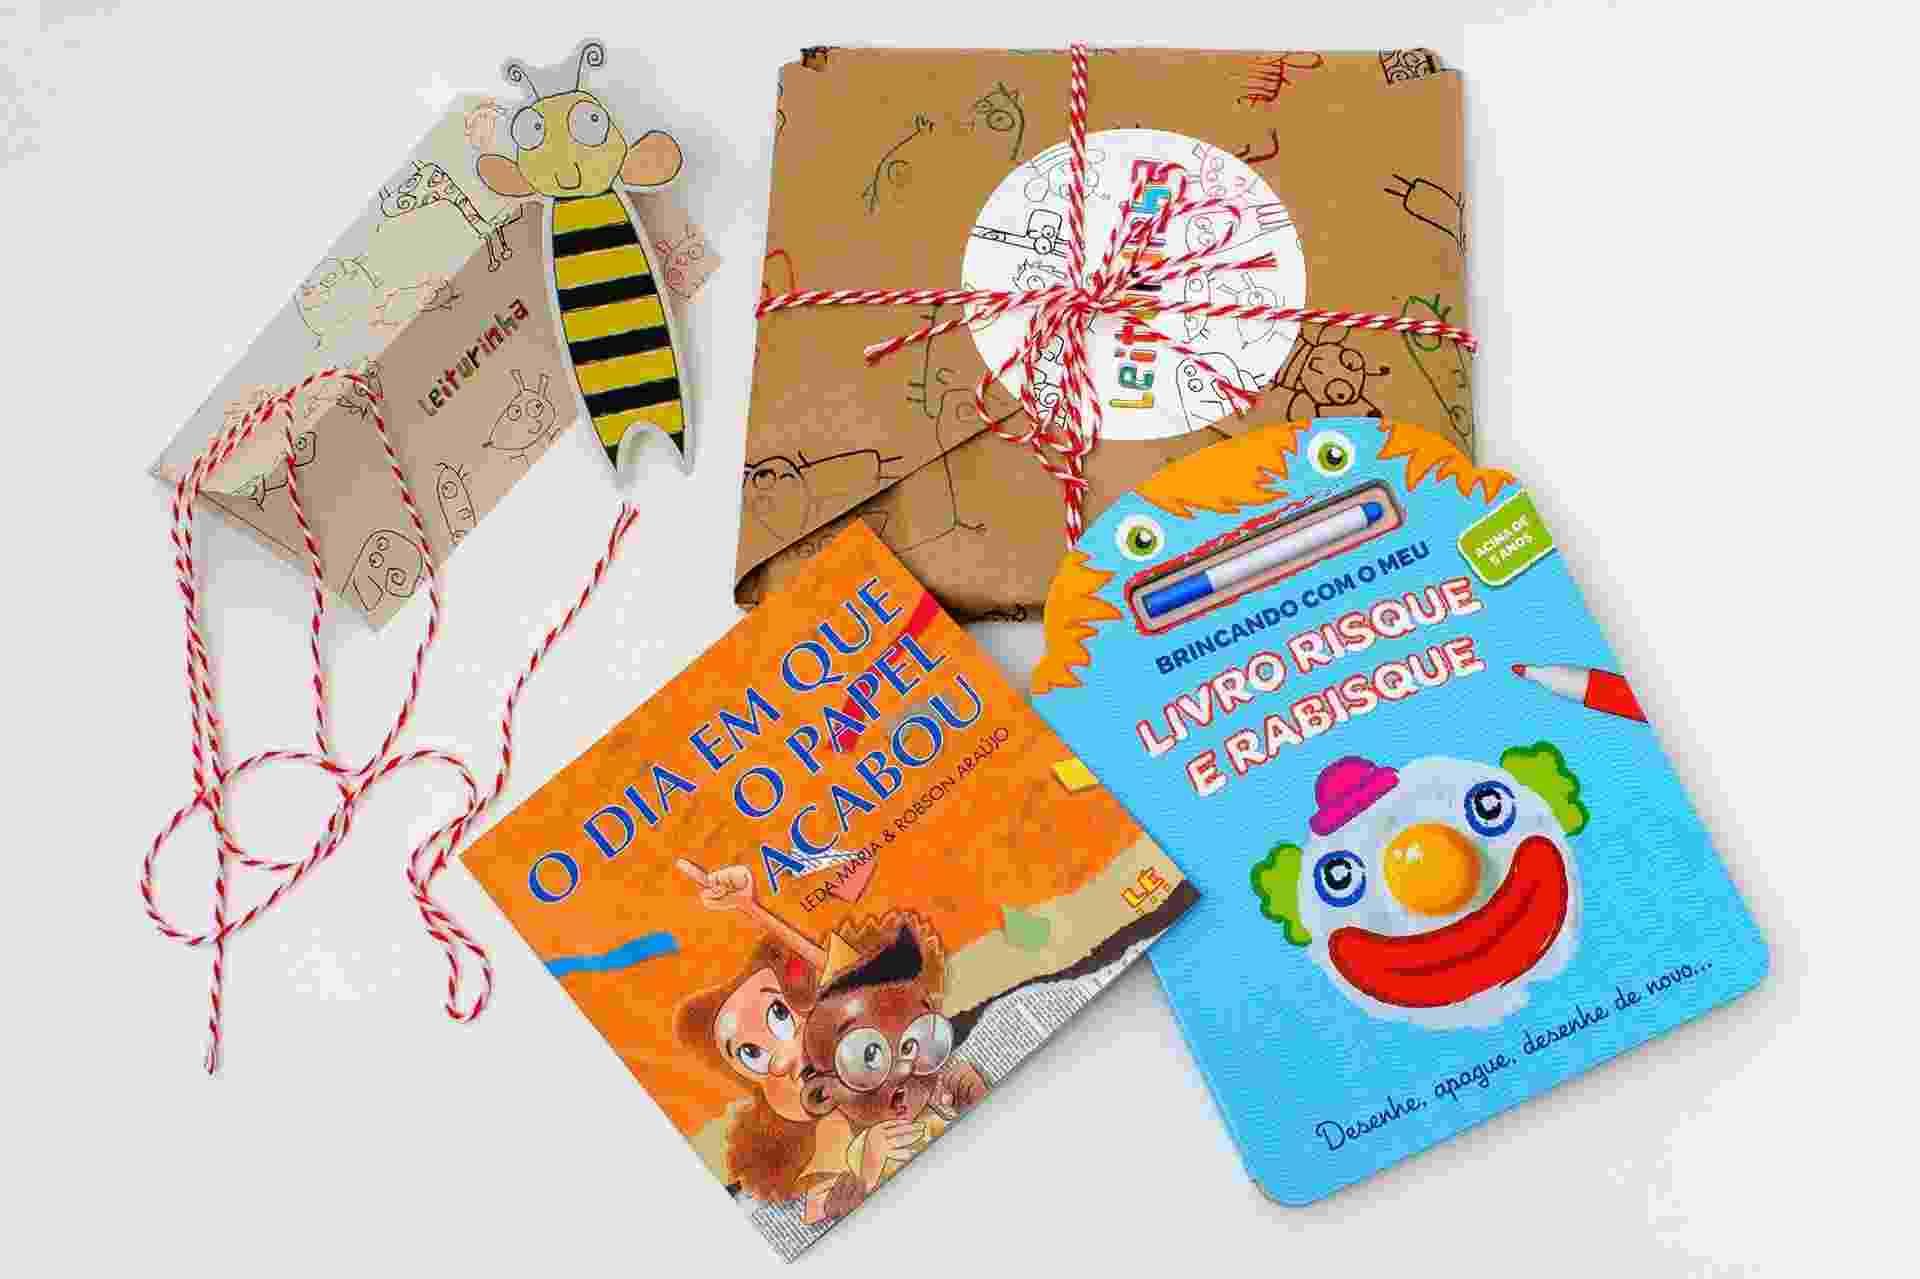 Pacote e livros enviados pelo  Leiturinha, clube de assinatura de livros infantis, para as crianças - Divulgação